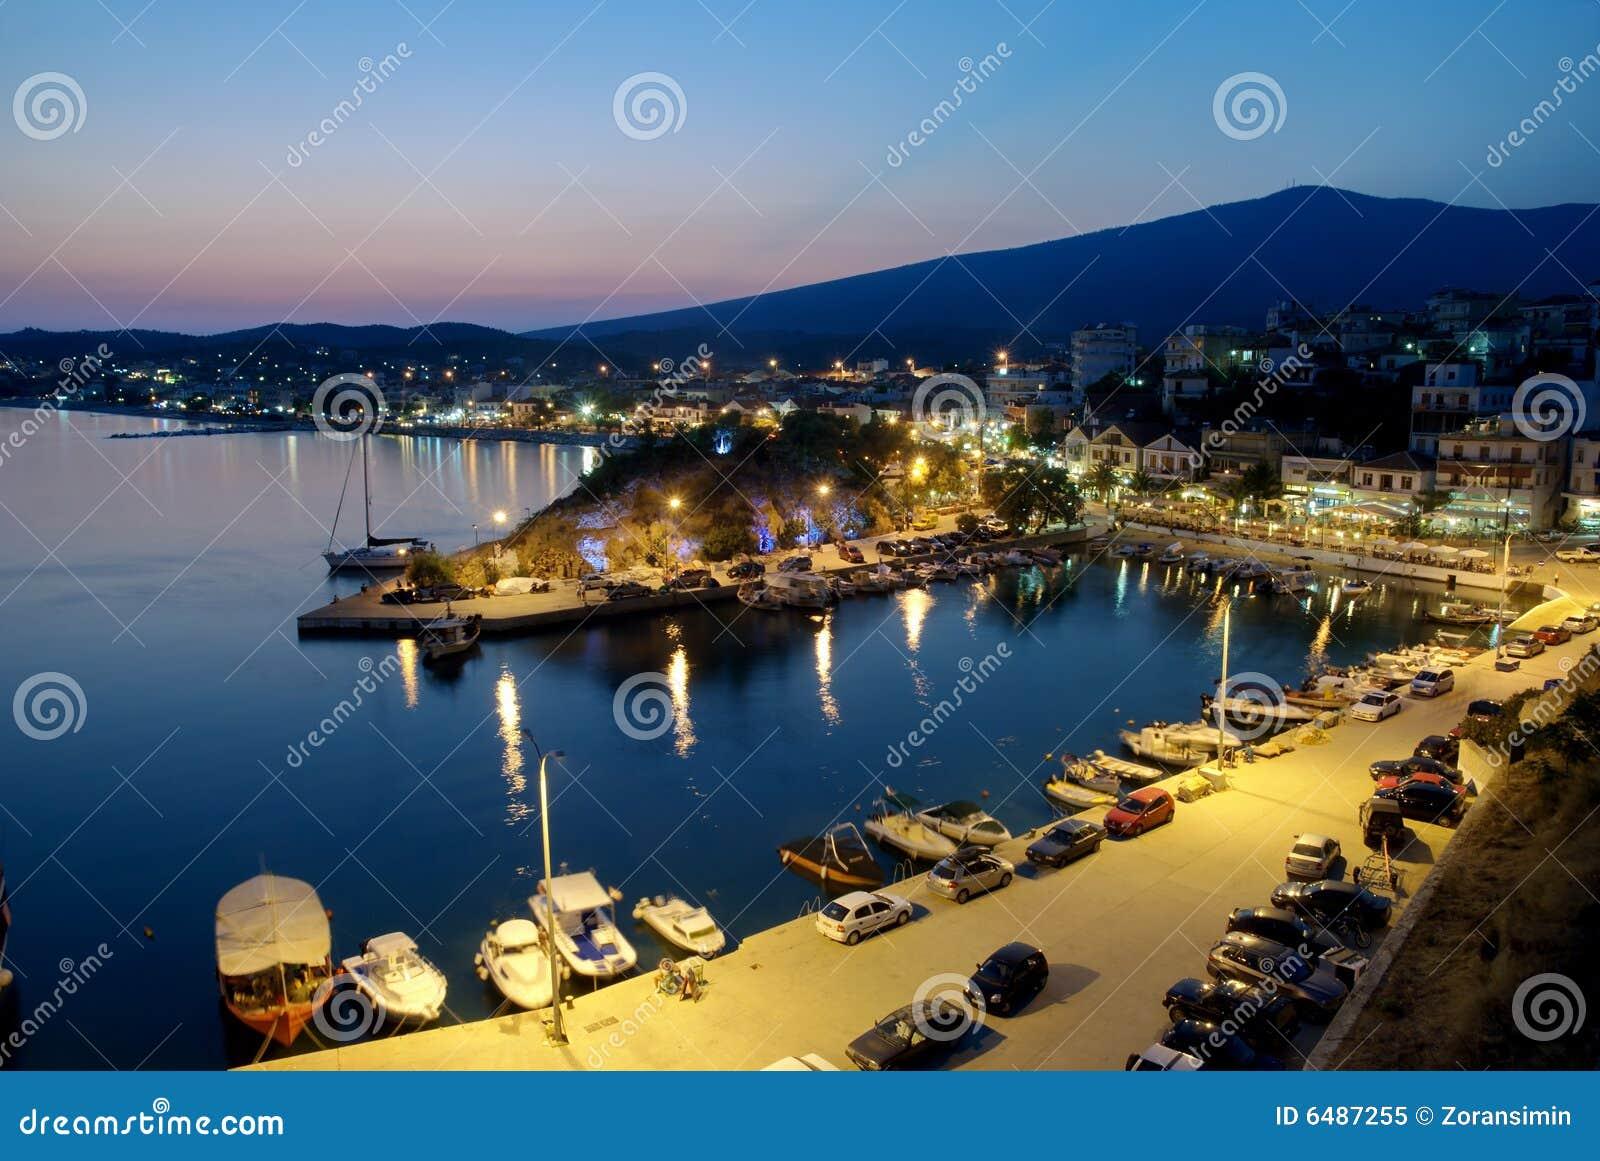 Limenaria,Thassos Royalty Free Stock Photo - Image: 6487255